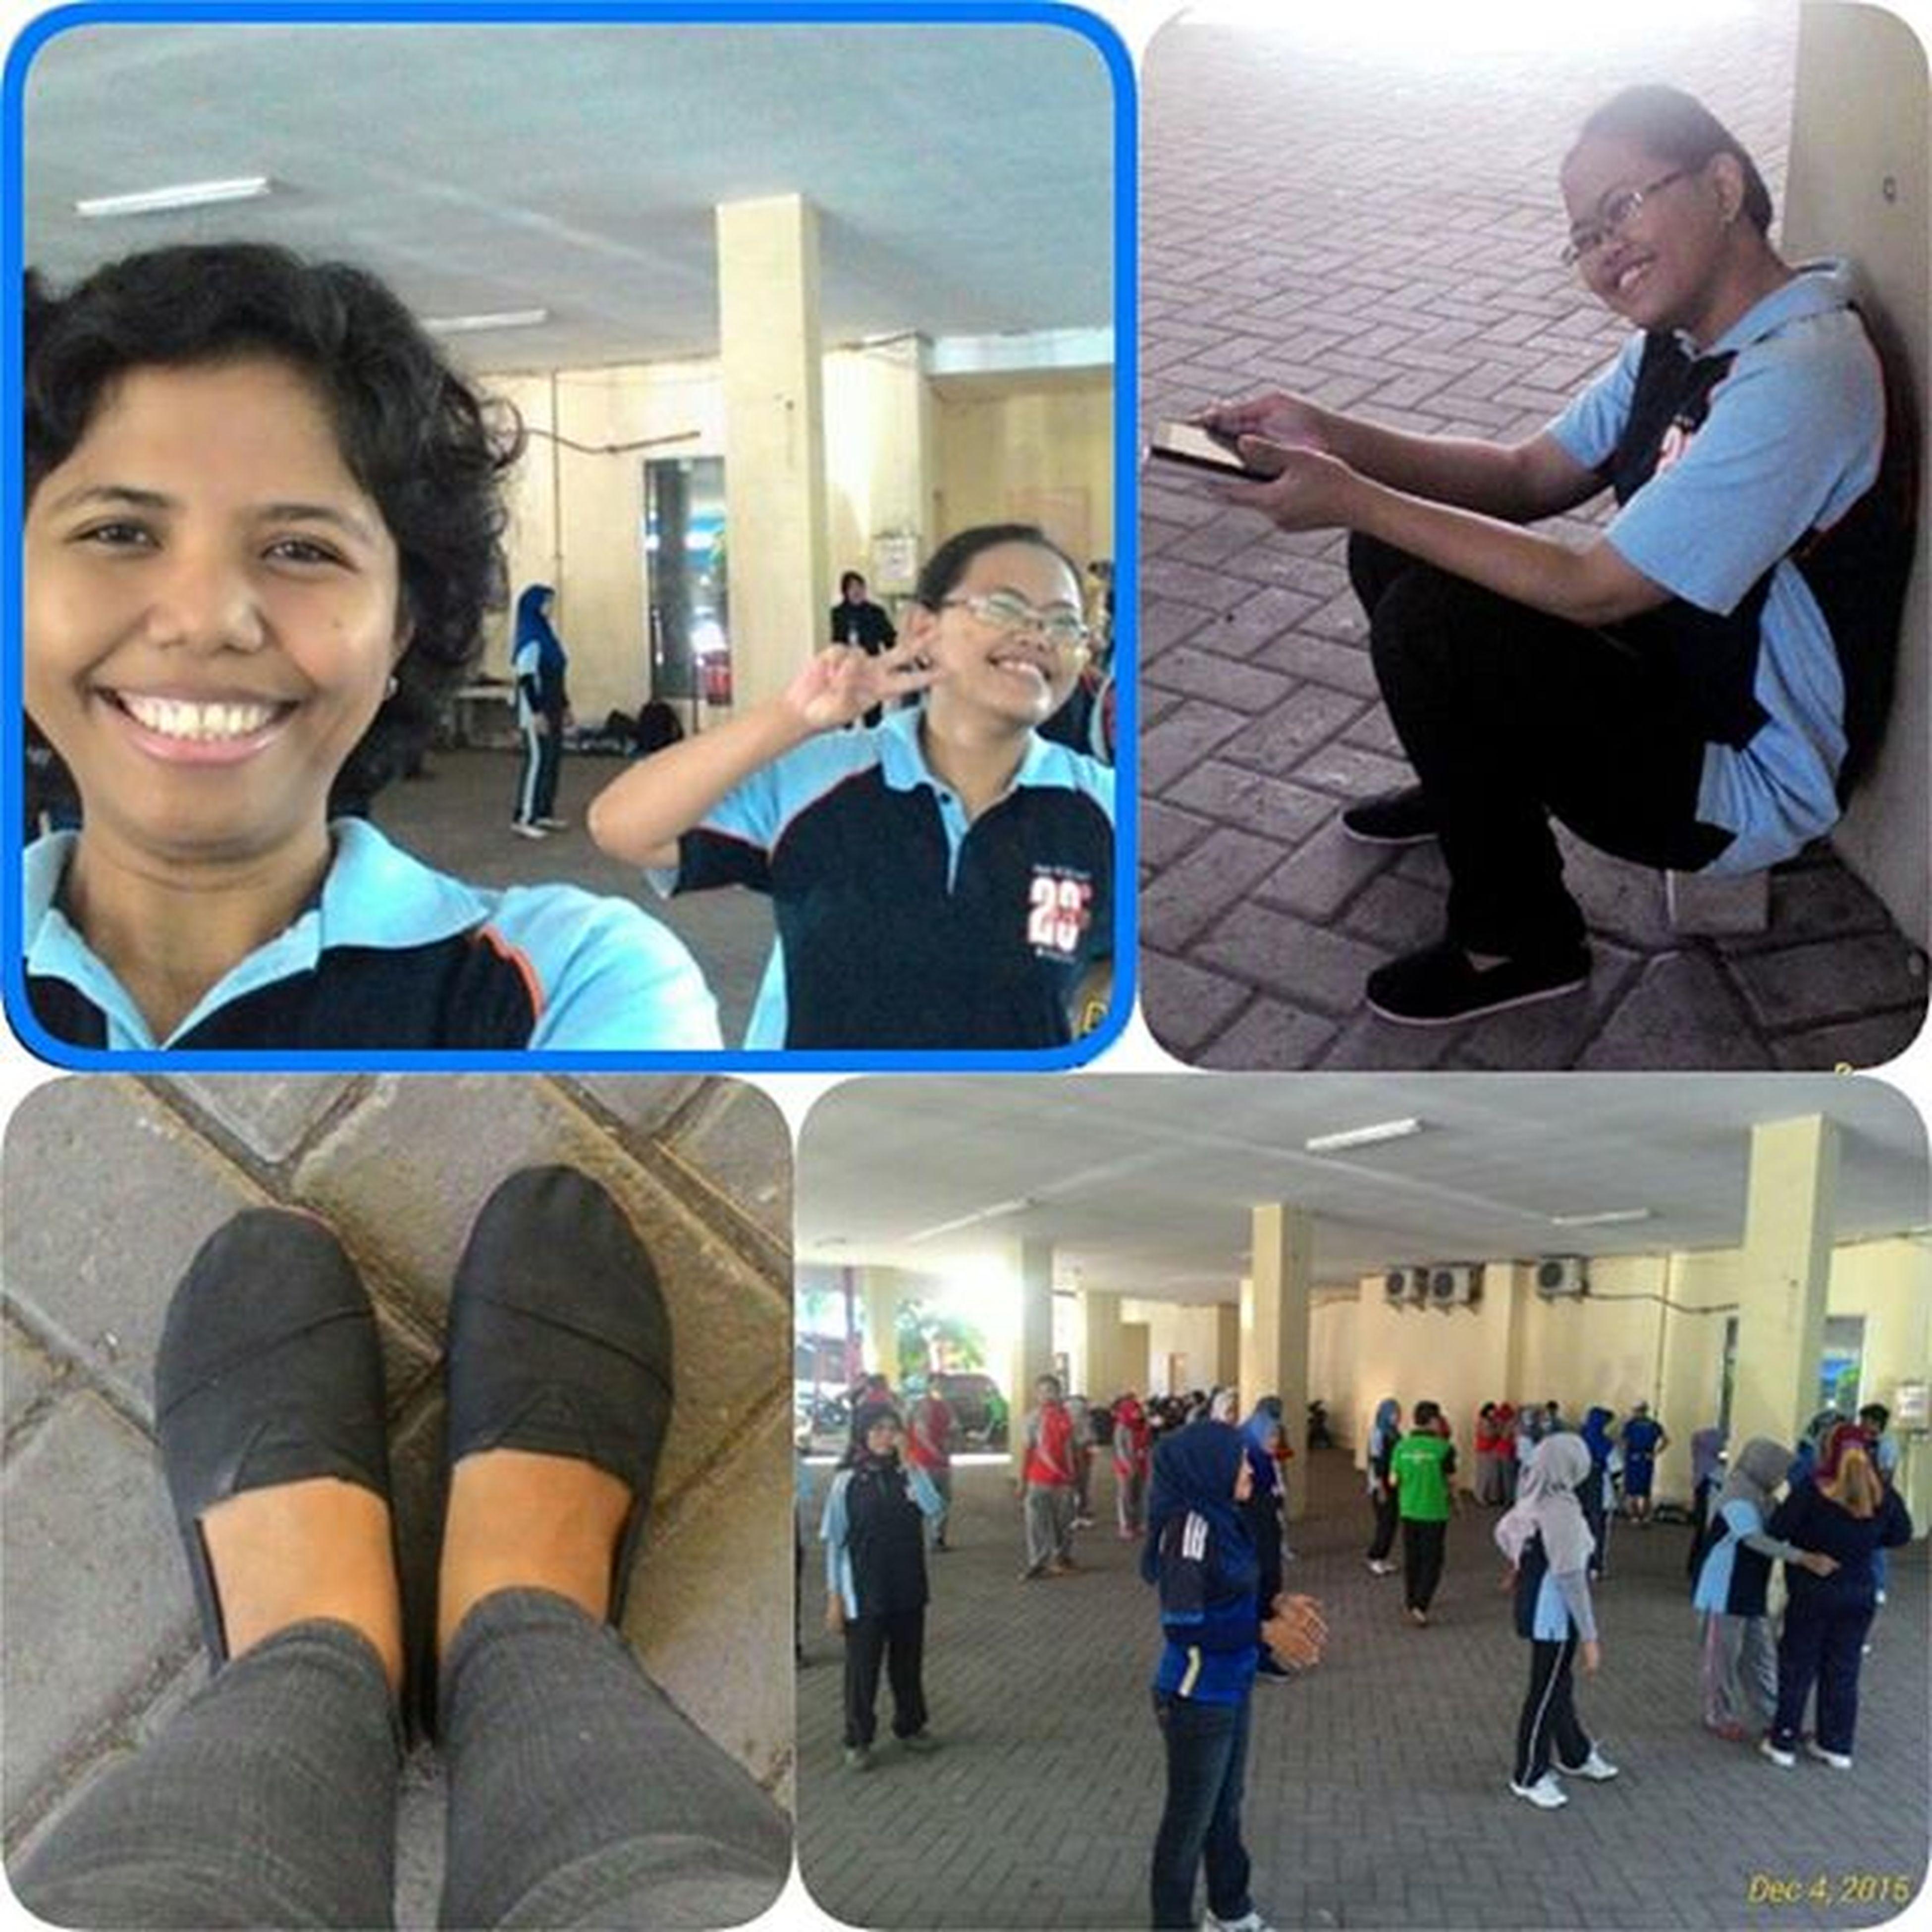 Goodmorning Tgif Exercise Healthy Senamjantungsehat 🙌